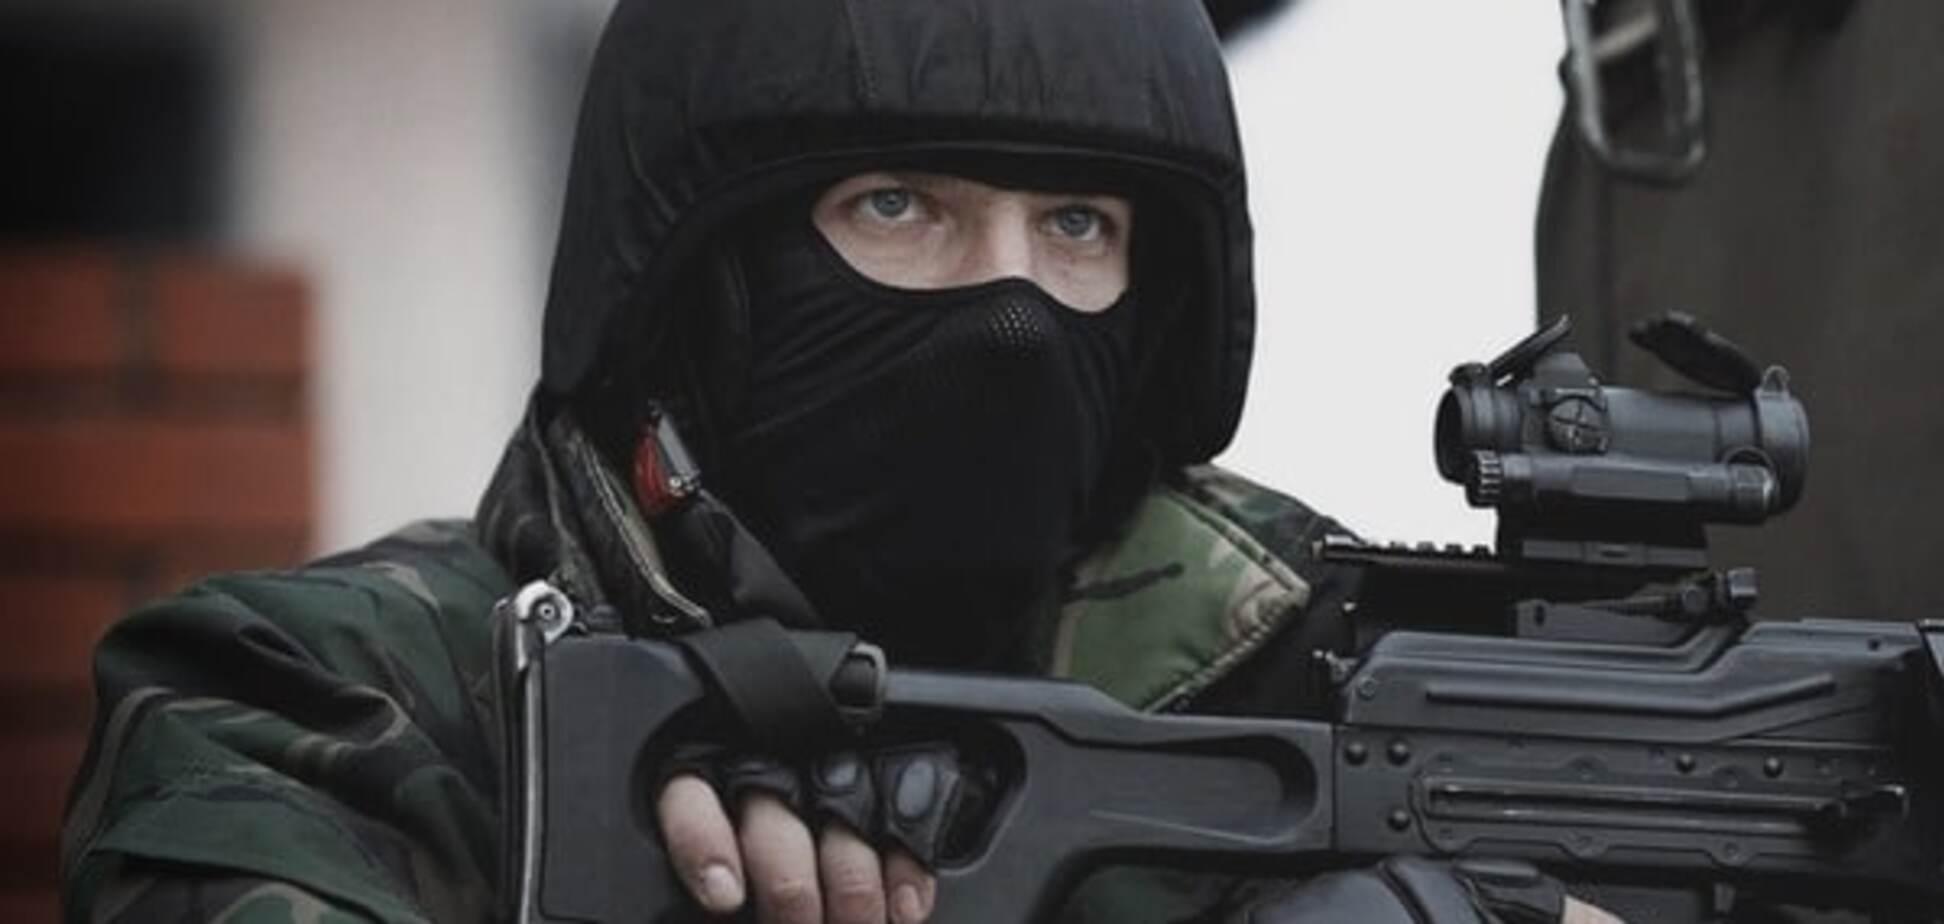 Зачистка ватажків на окупованому Донбасі: як Кремль прибирає неугодних